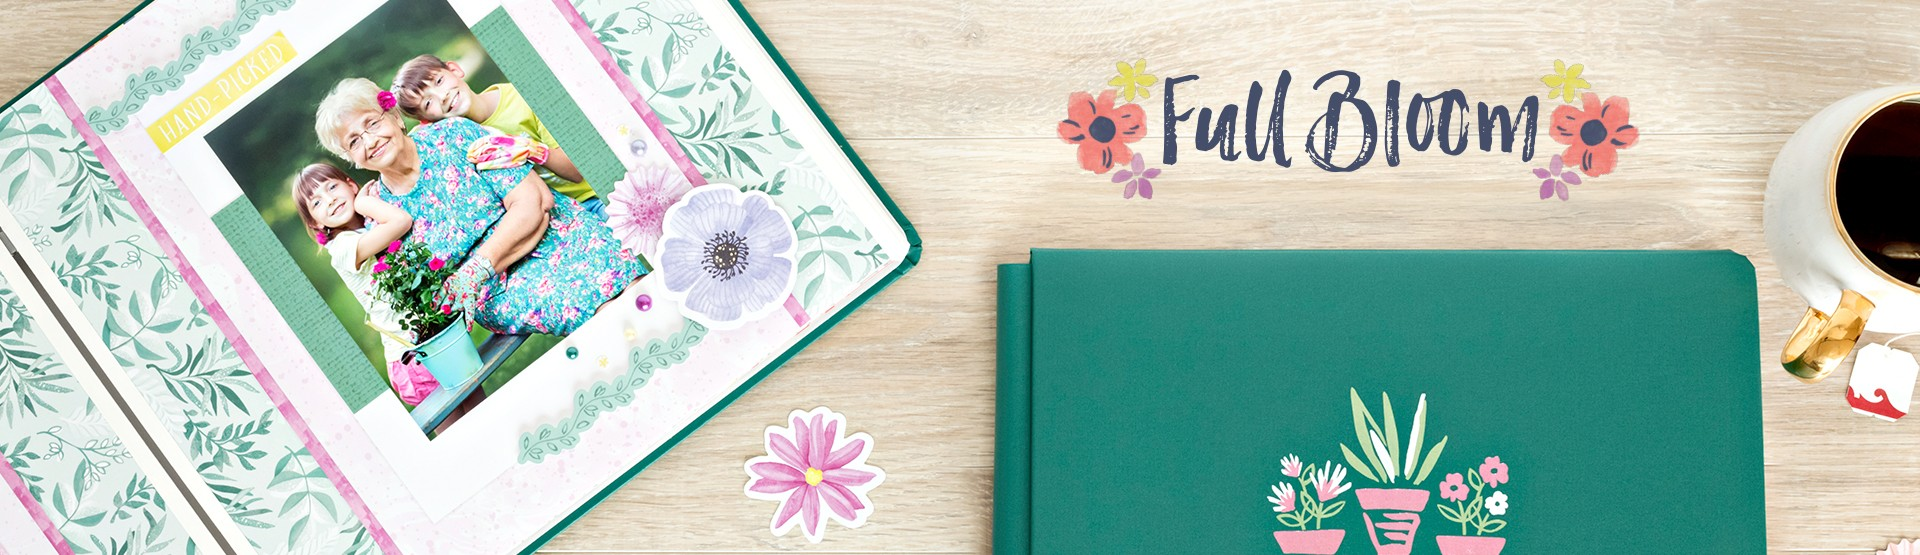 Floral: Full Bloom